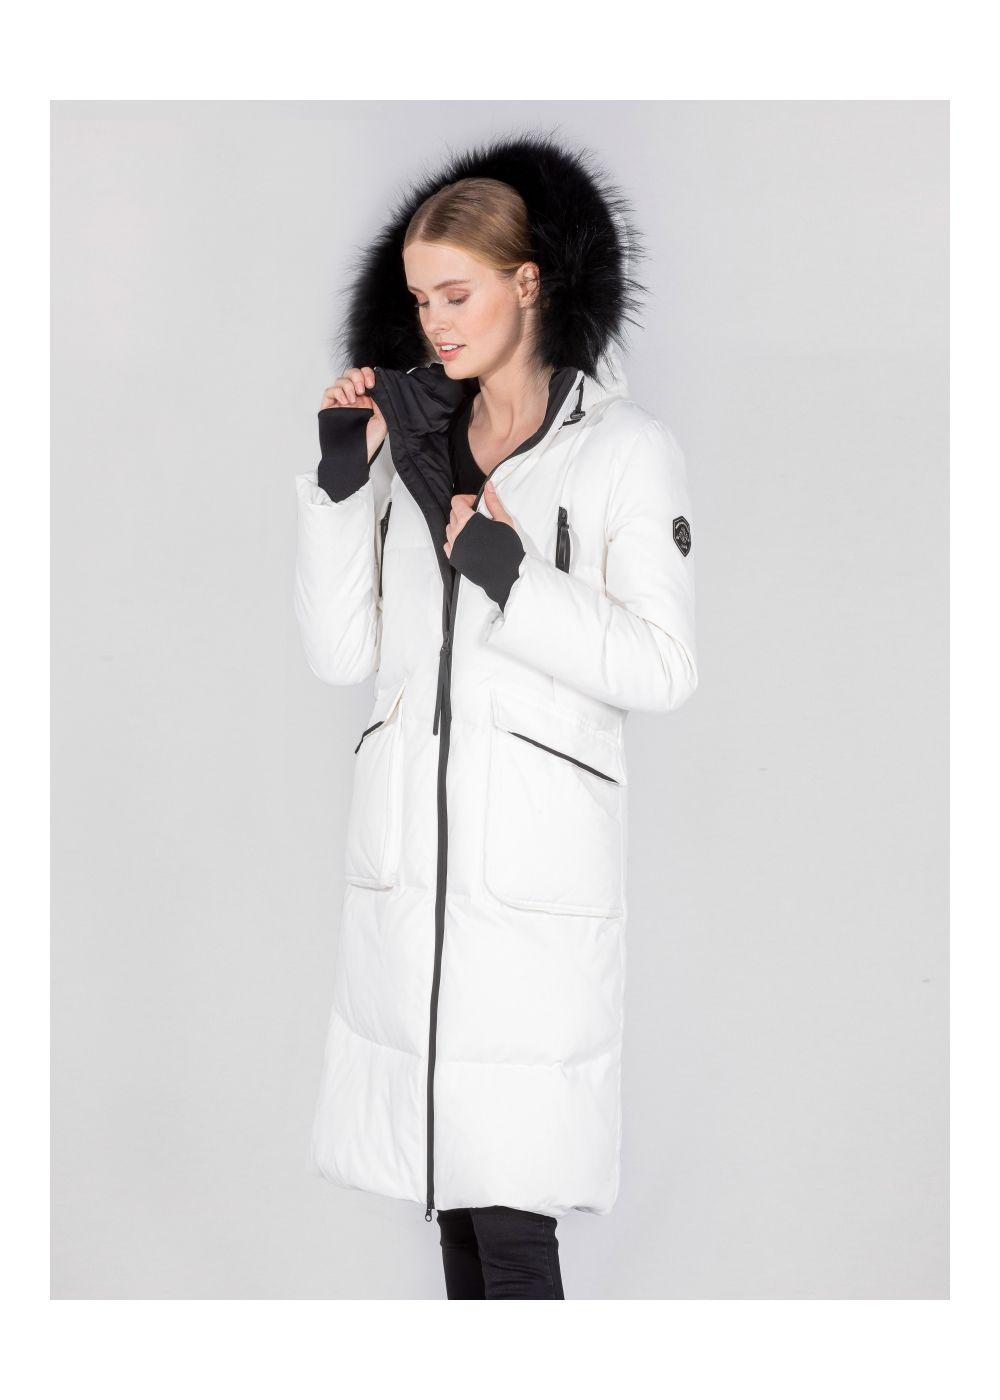 Biała zimowa parka damska z kapturem KURDT-0274-11(Z20)